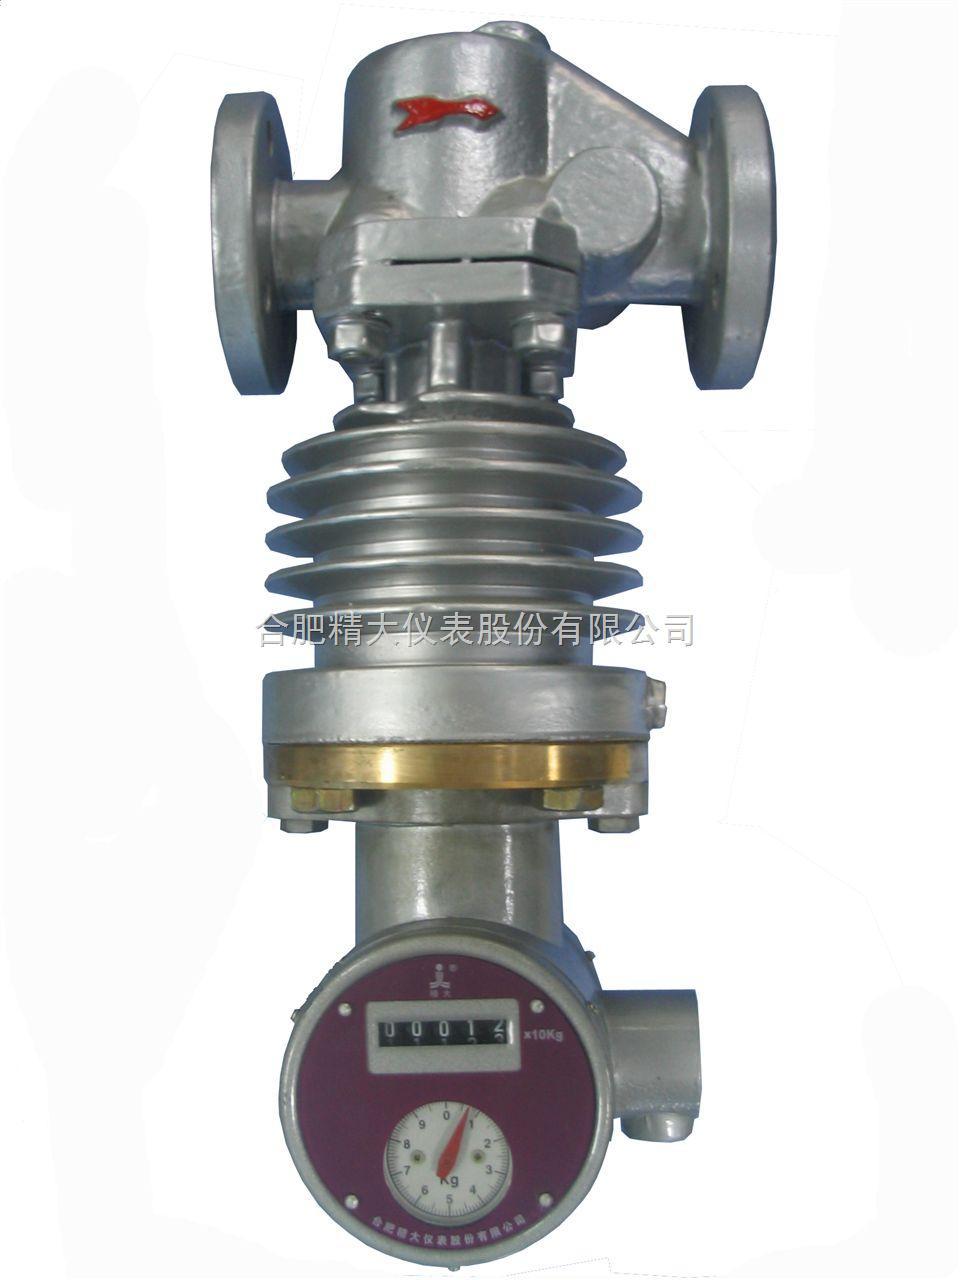 LFX系列-分流旋翼式蒸汽流量計-合肥精大儀表